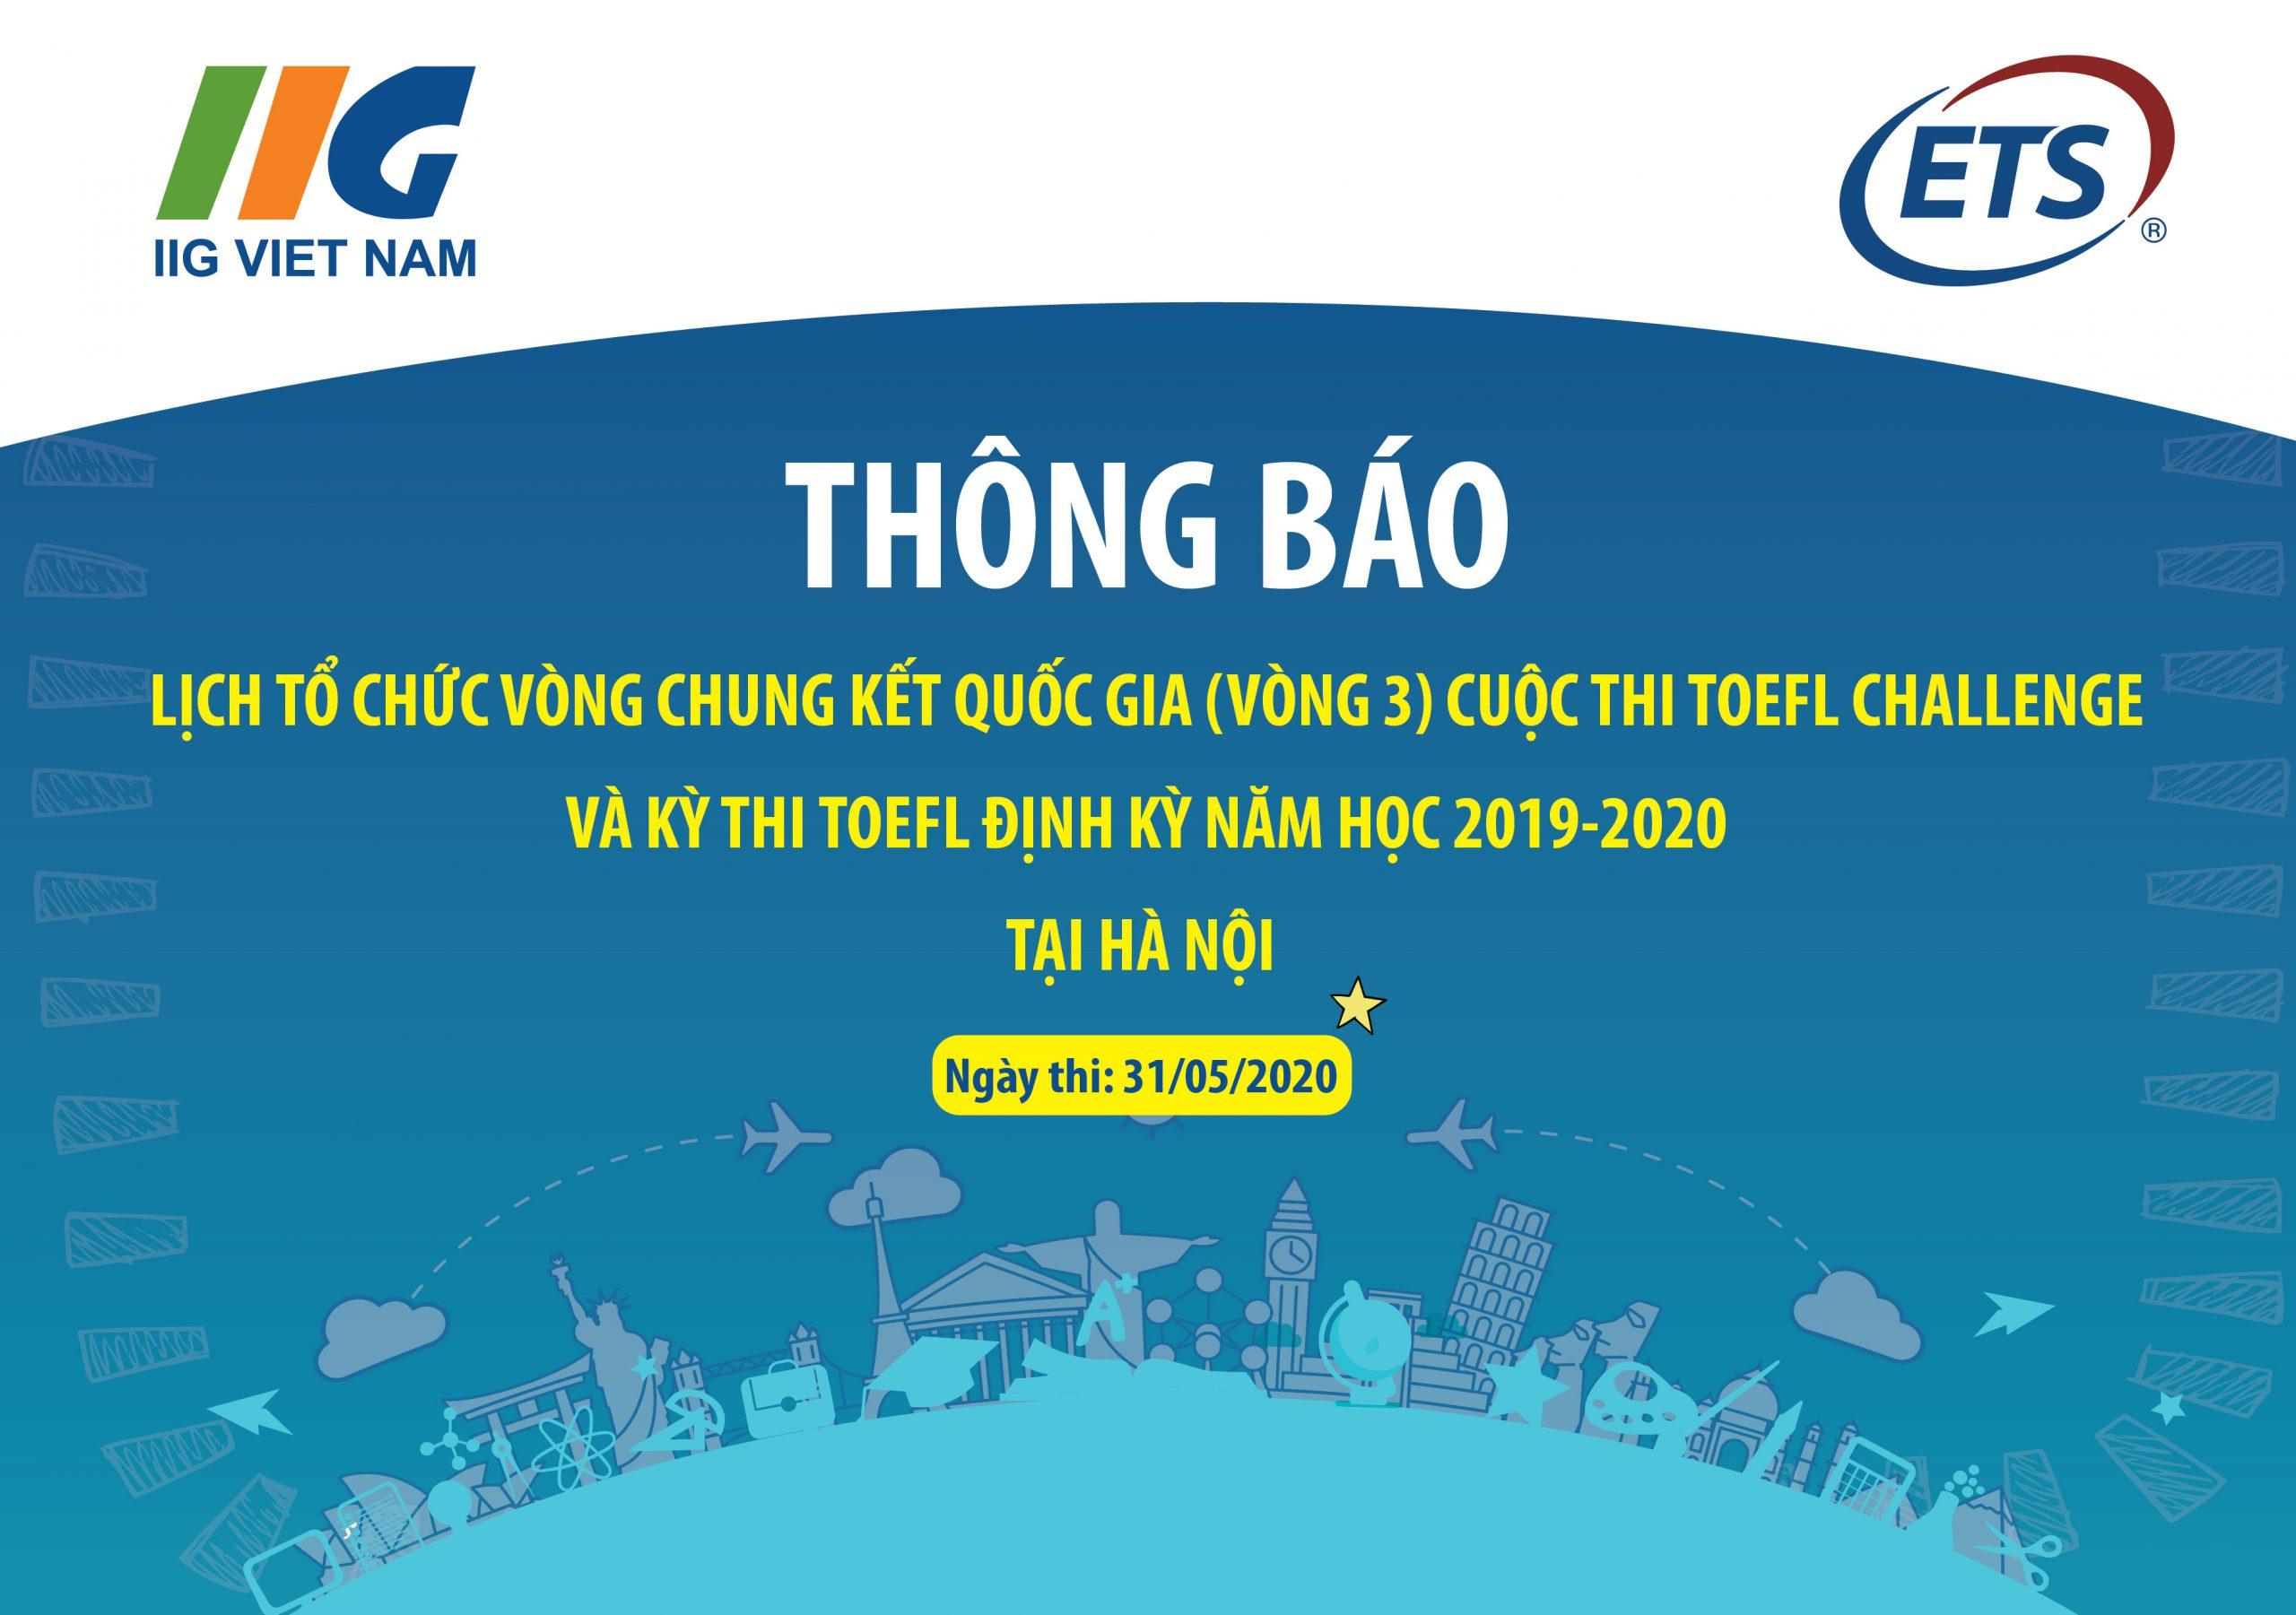 Thông báo Lịch tổ chức Vòng Chung kết Quốc gia (Vòng 3) Cuộc thi TOEFL Challenge và kỳ thi TOEFL Định kỳ tại Hà Nội năm học 2019-2020